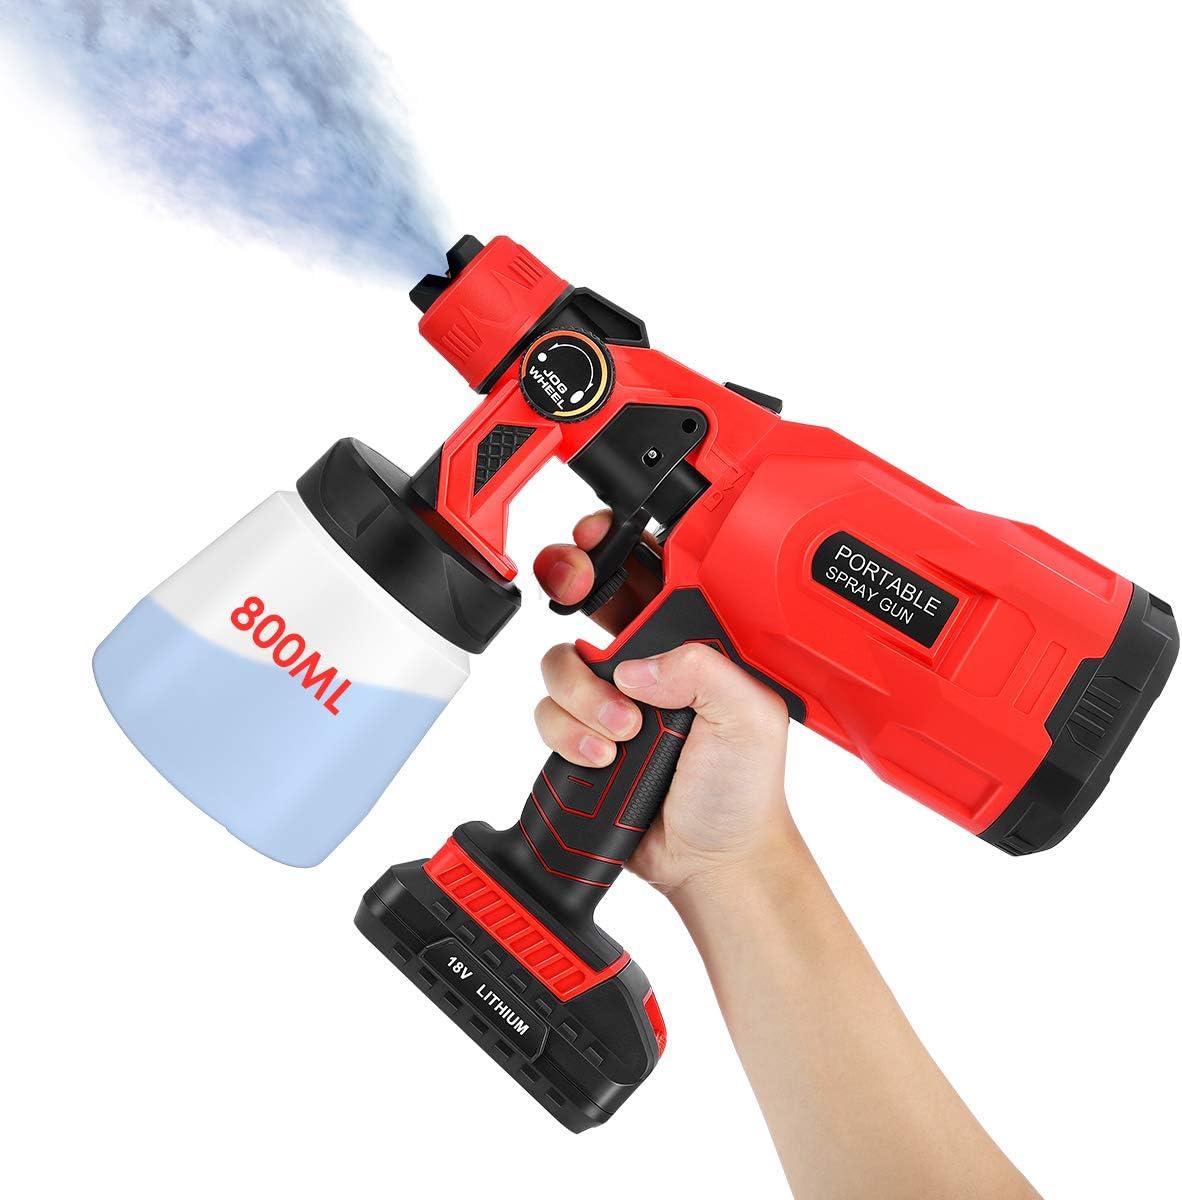 pistola de pulverizacion inalambrica,Pistola de pulverización eléctrica inalámbrica,pistola de pulverización inalámbrica con 3 modos de y botones de válvula ajustables,800 ml